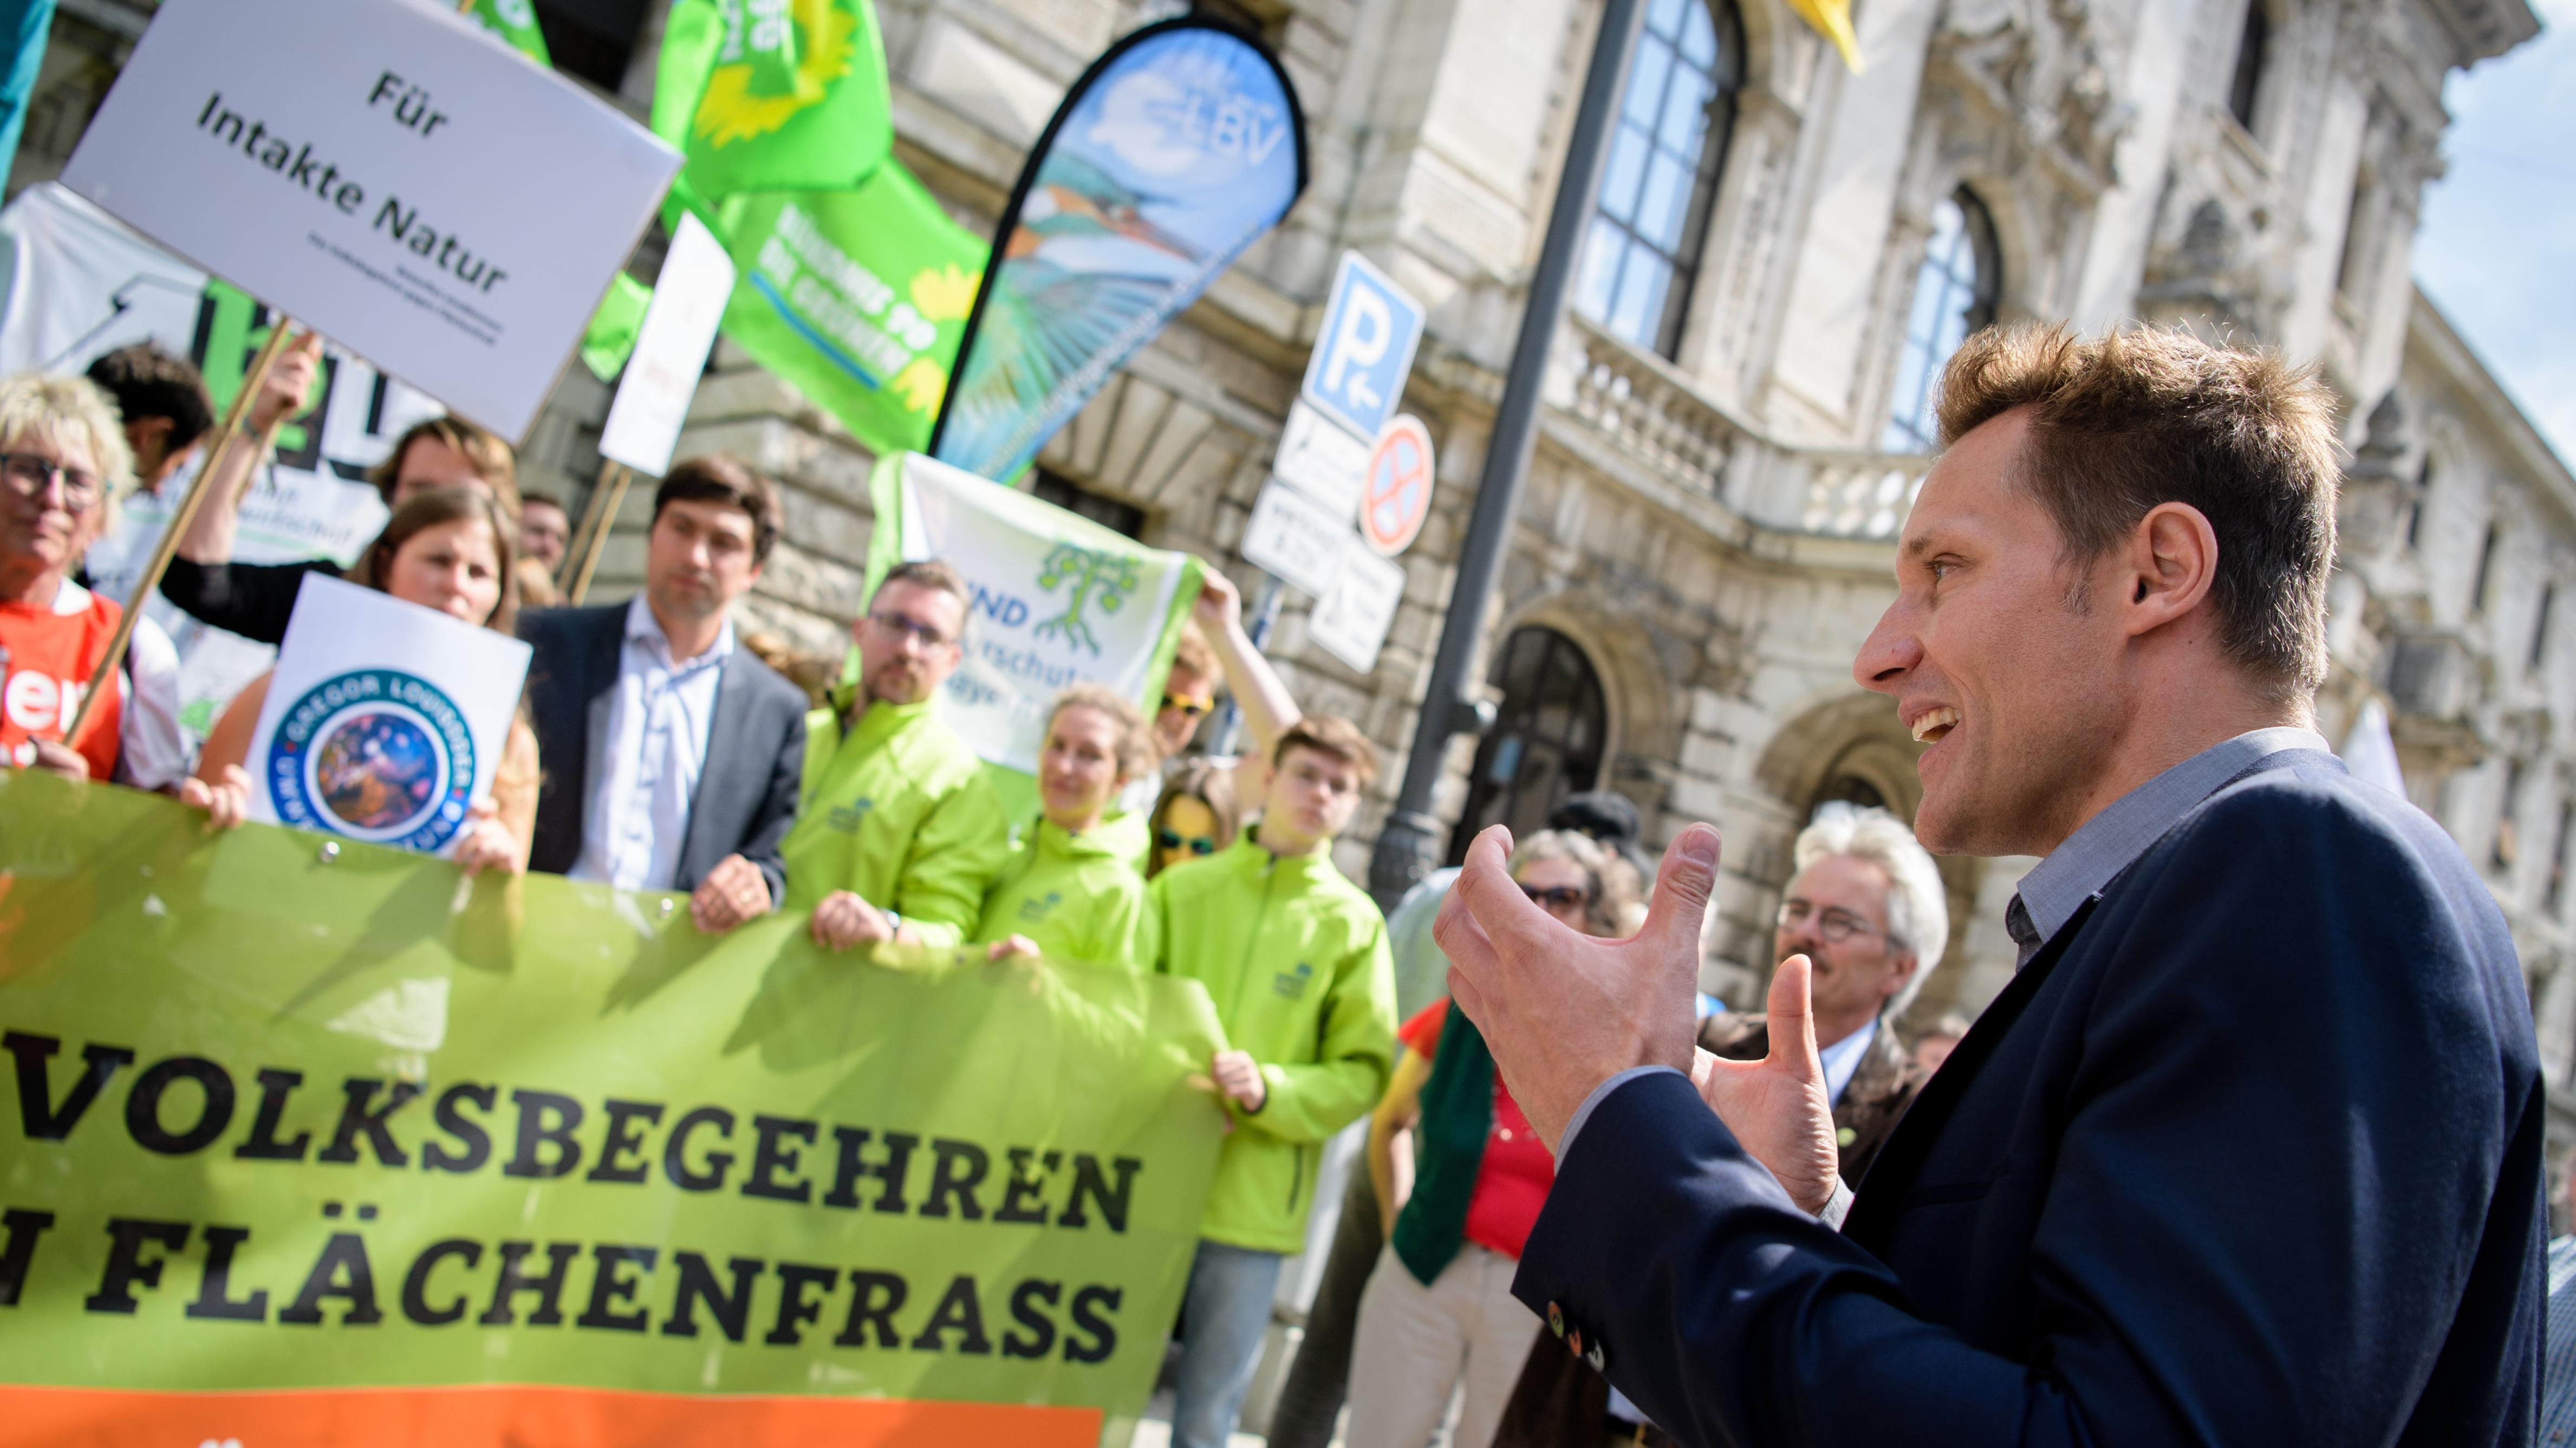 Ludwig Hartmann (r), Fraktionsvorsitzender von Bündnis 90/Die Grünen im Bayerischen Landtag, spricht vor den Unterstützern des Volksbegehrens gegen Flächenfraß in Bayern